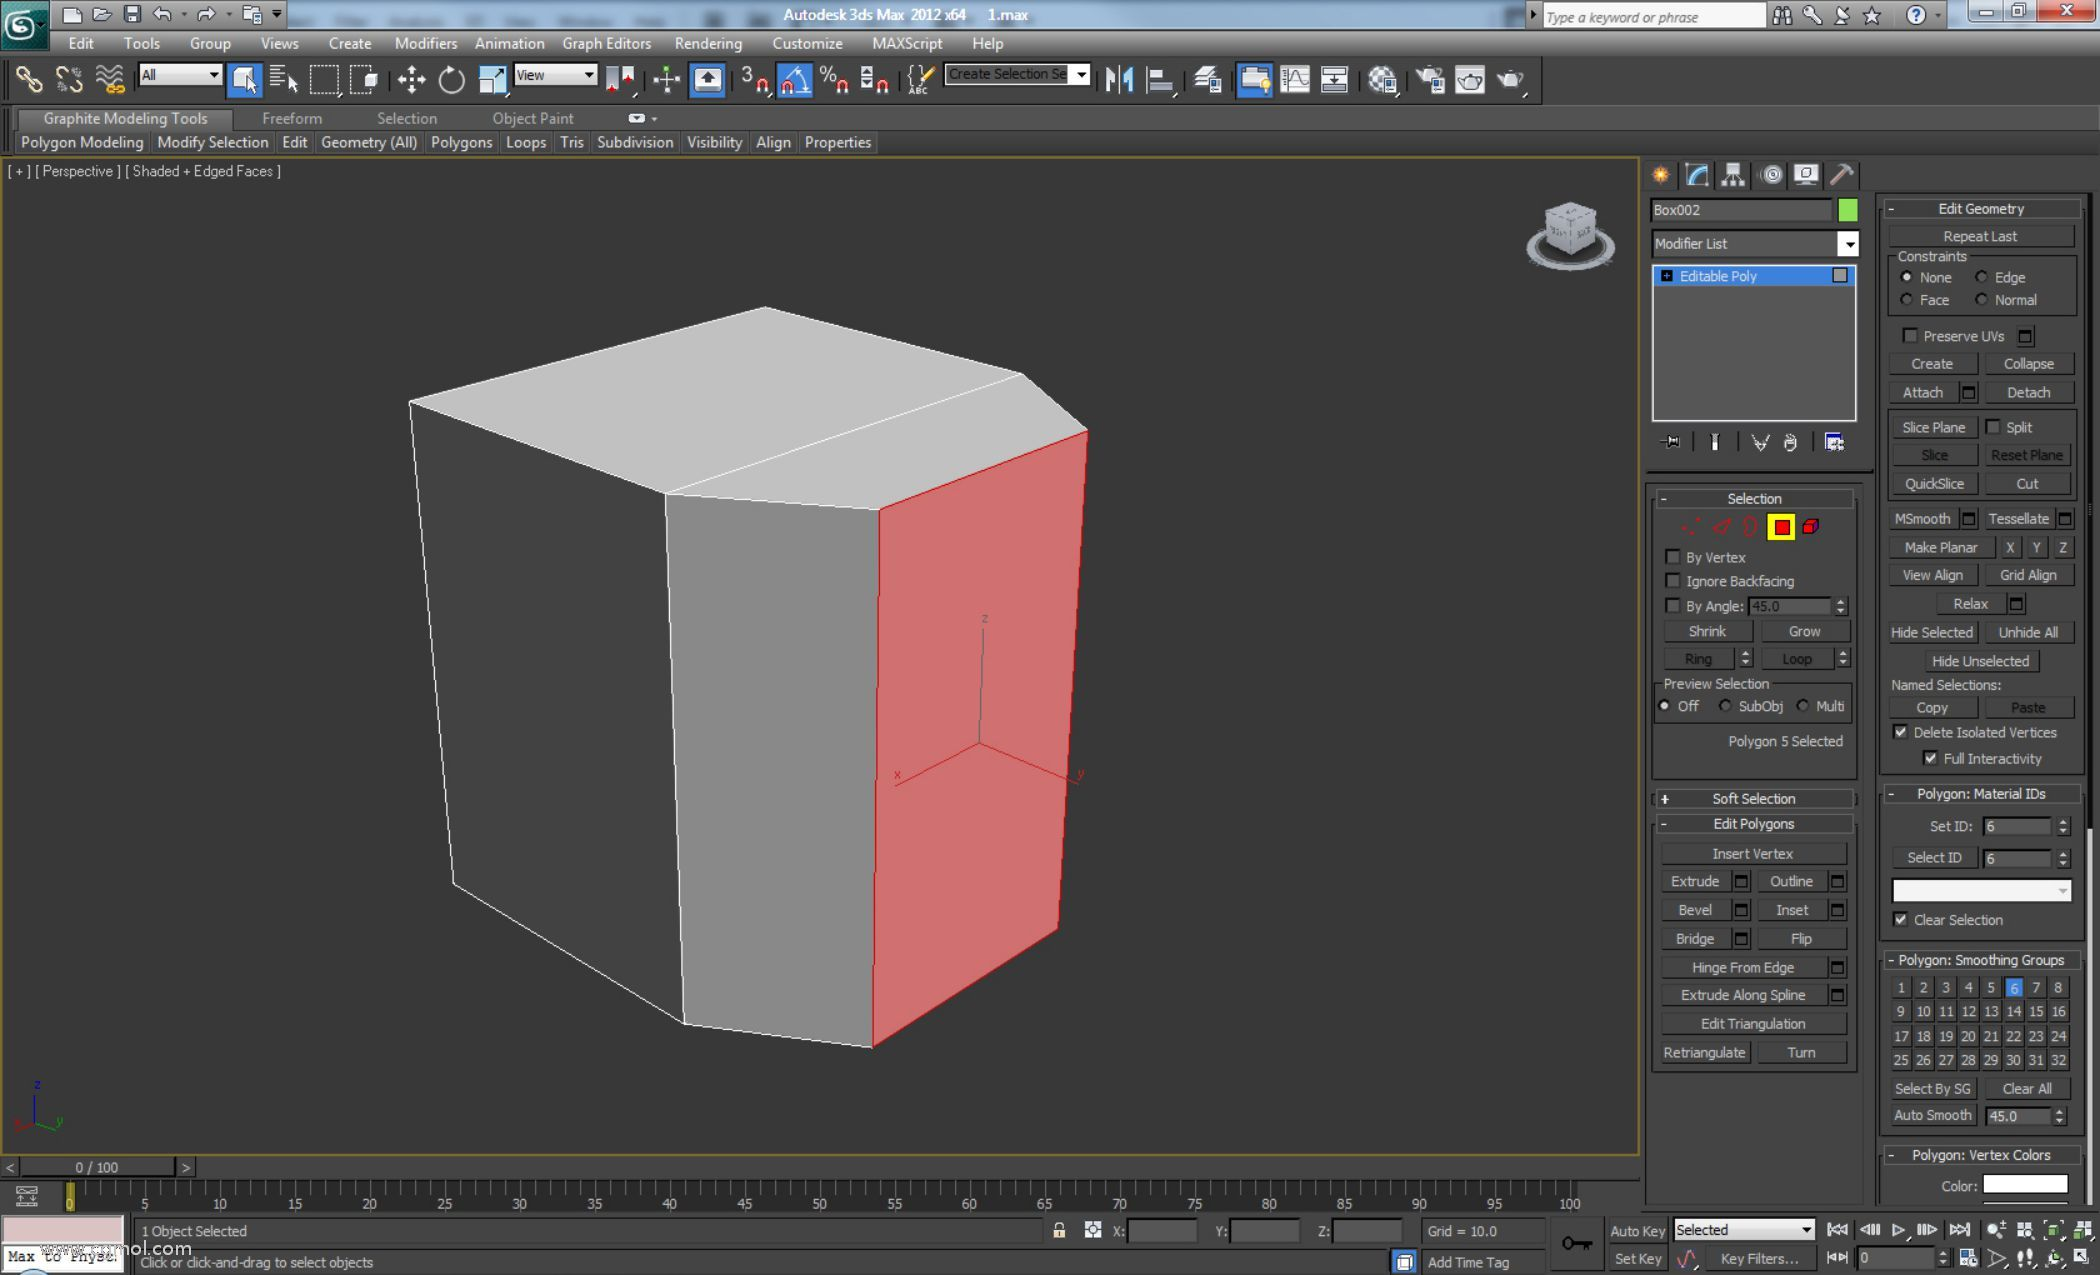 创建一个新框并将其转换为可编辑多边形